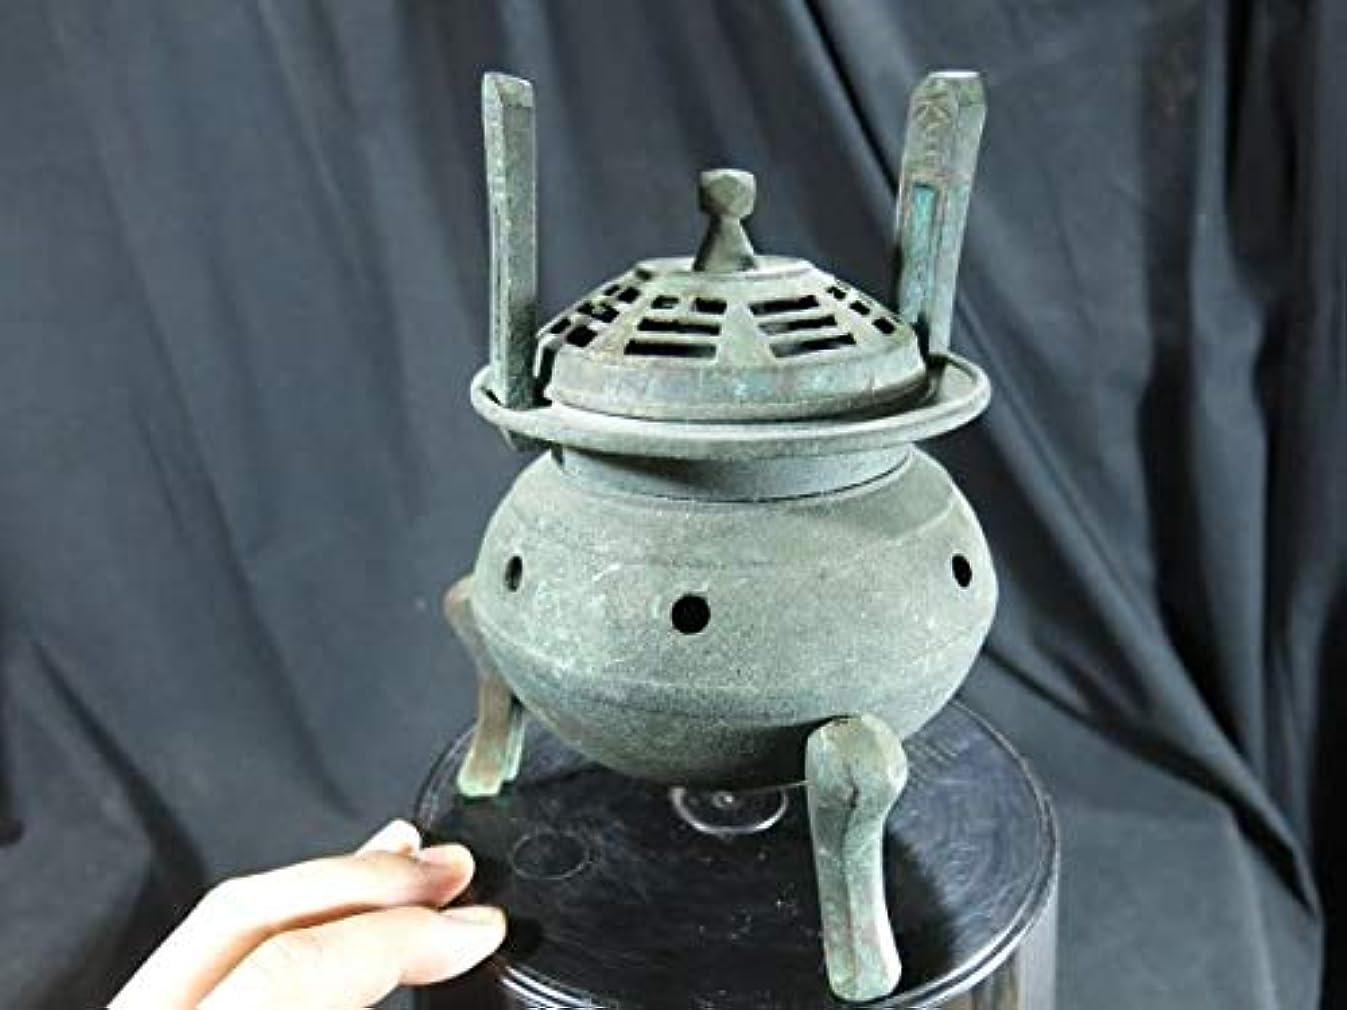 遠洋の禁輸事件、出来事李朝双耳古銅香炉 李朝時代 宮中 両班 朝鮮 香炉 金工 香